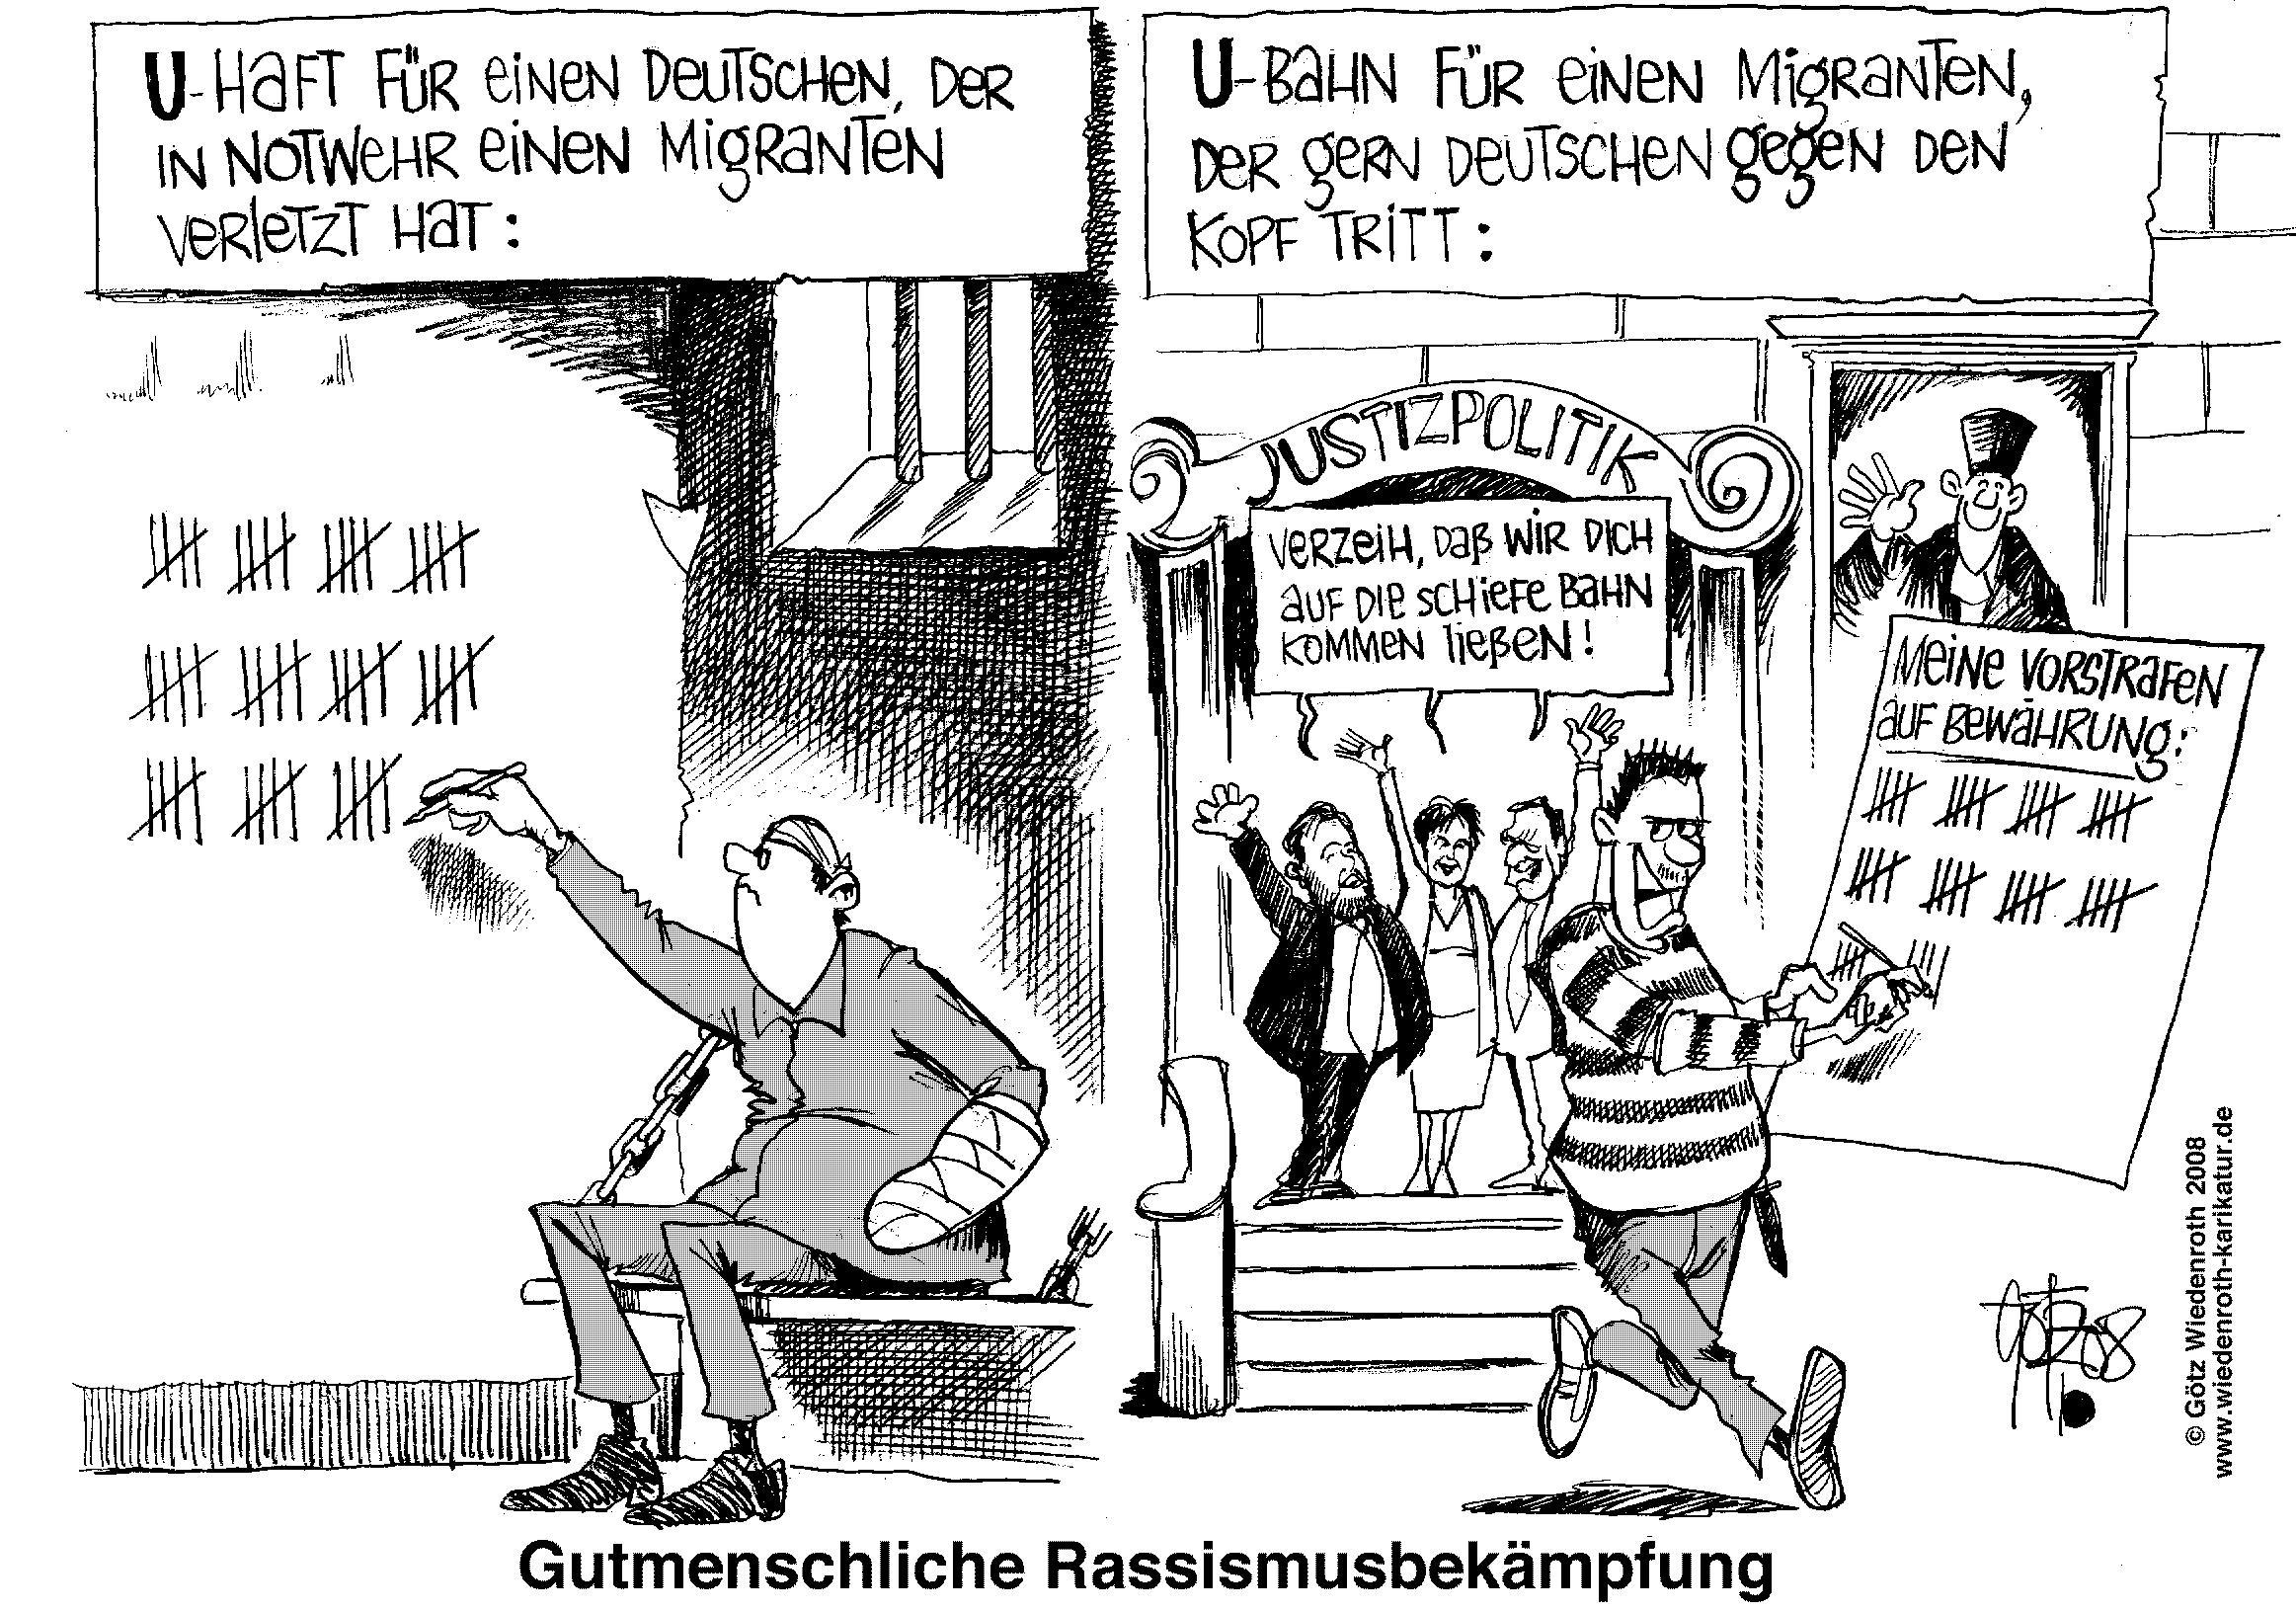 ausländerkriminalität - ein deutsches tabuthema (seite 385)